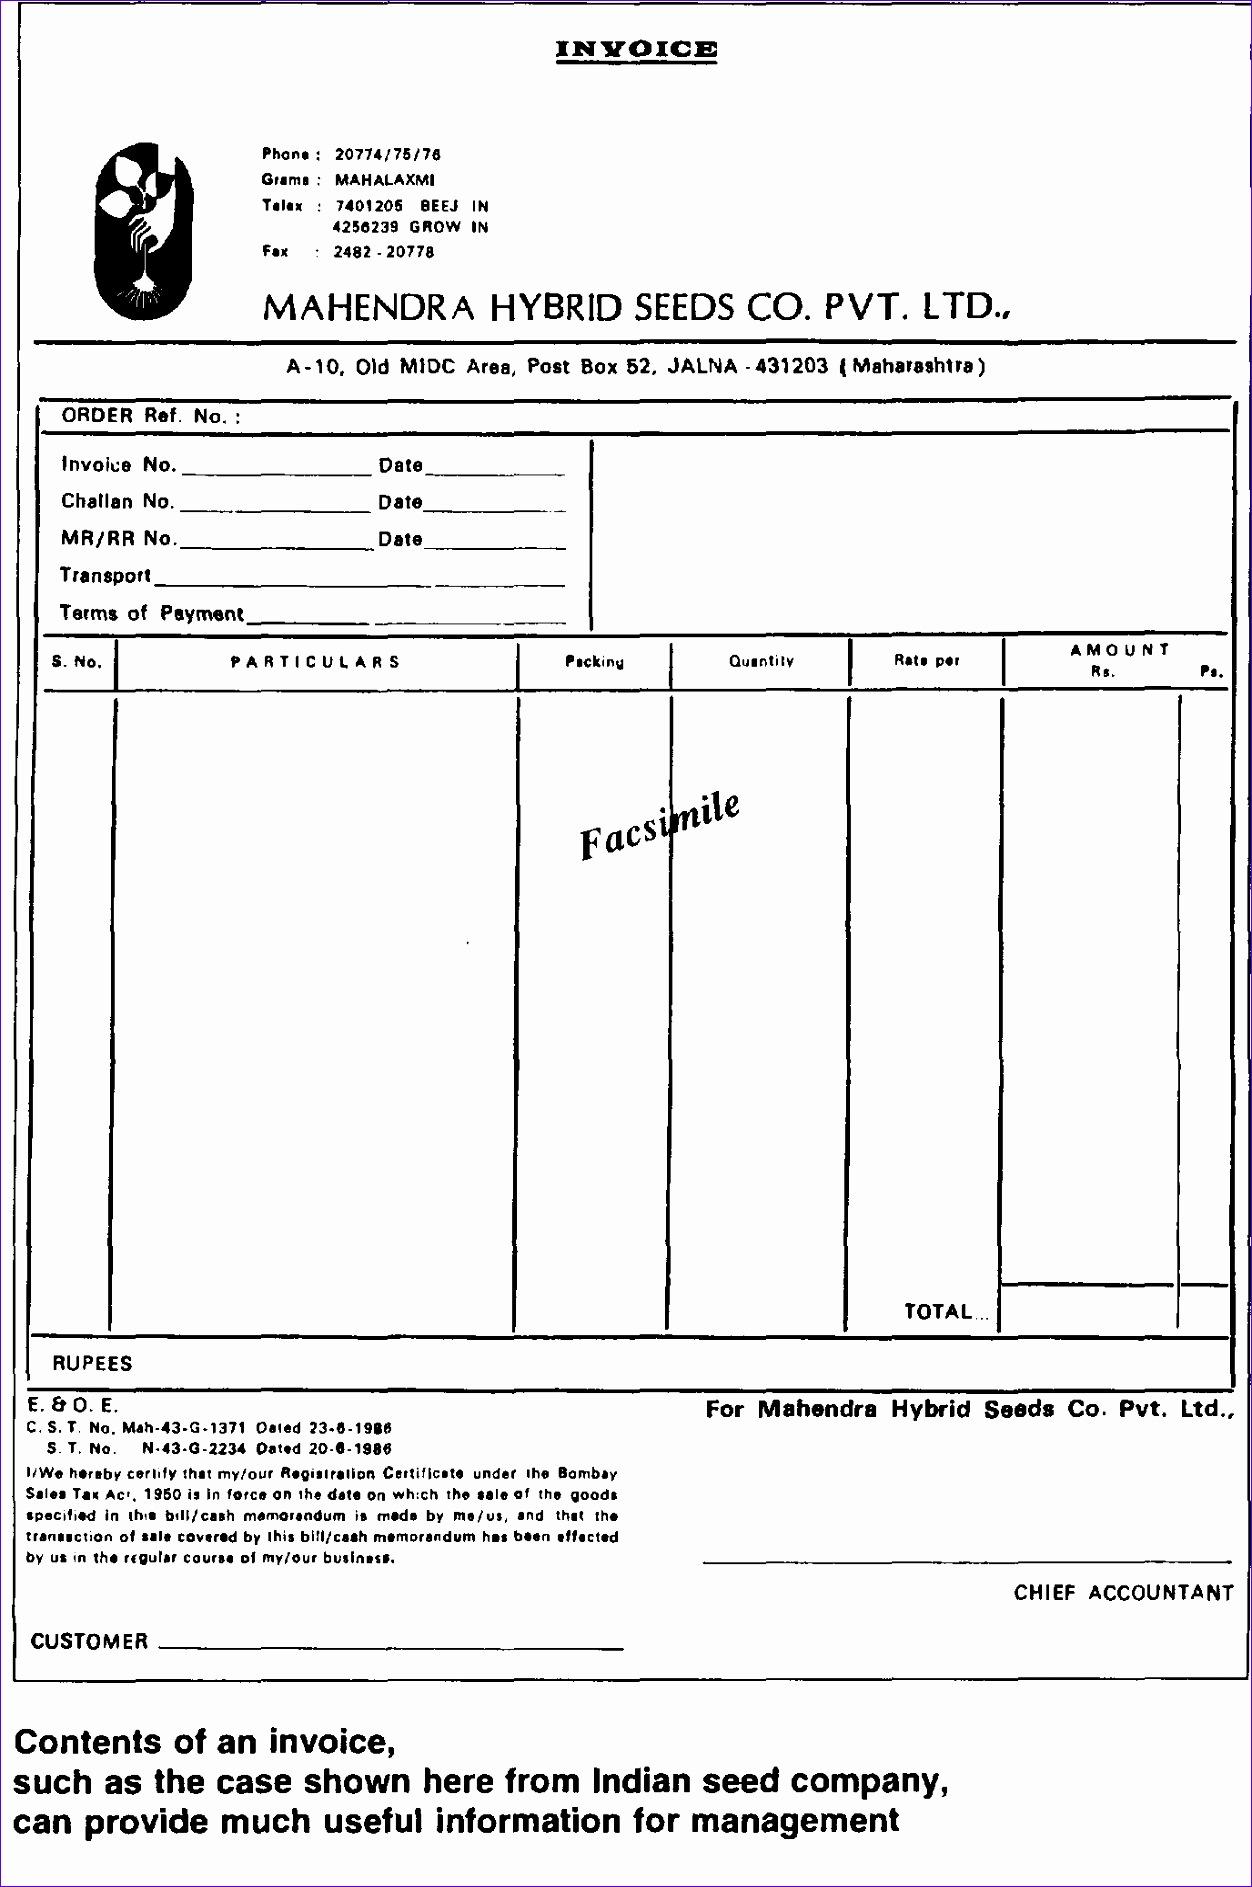 Vehicle Equipment Worksheet